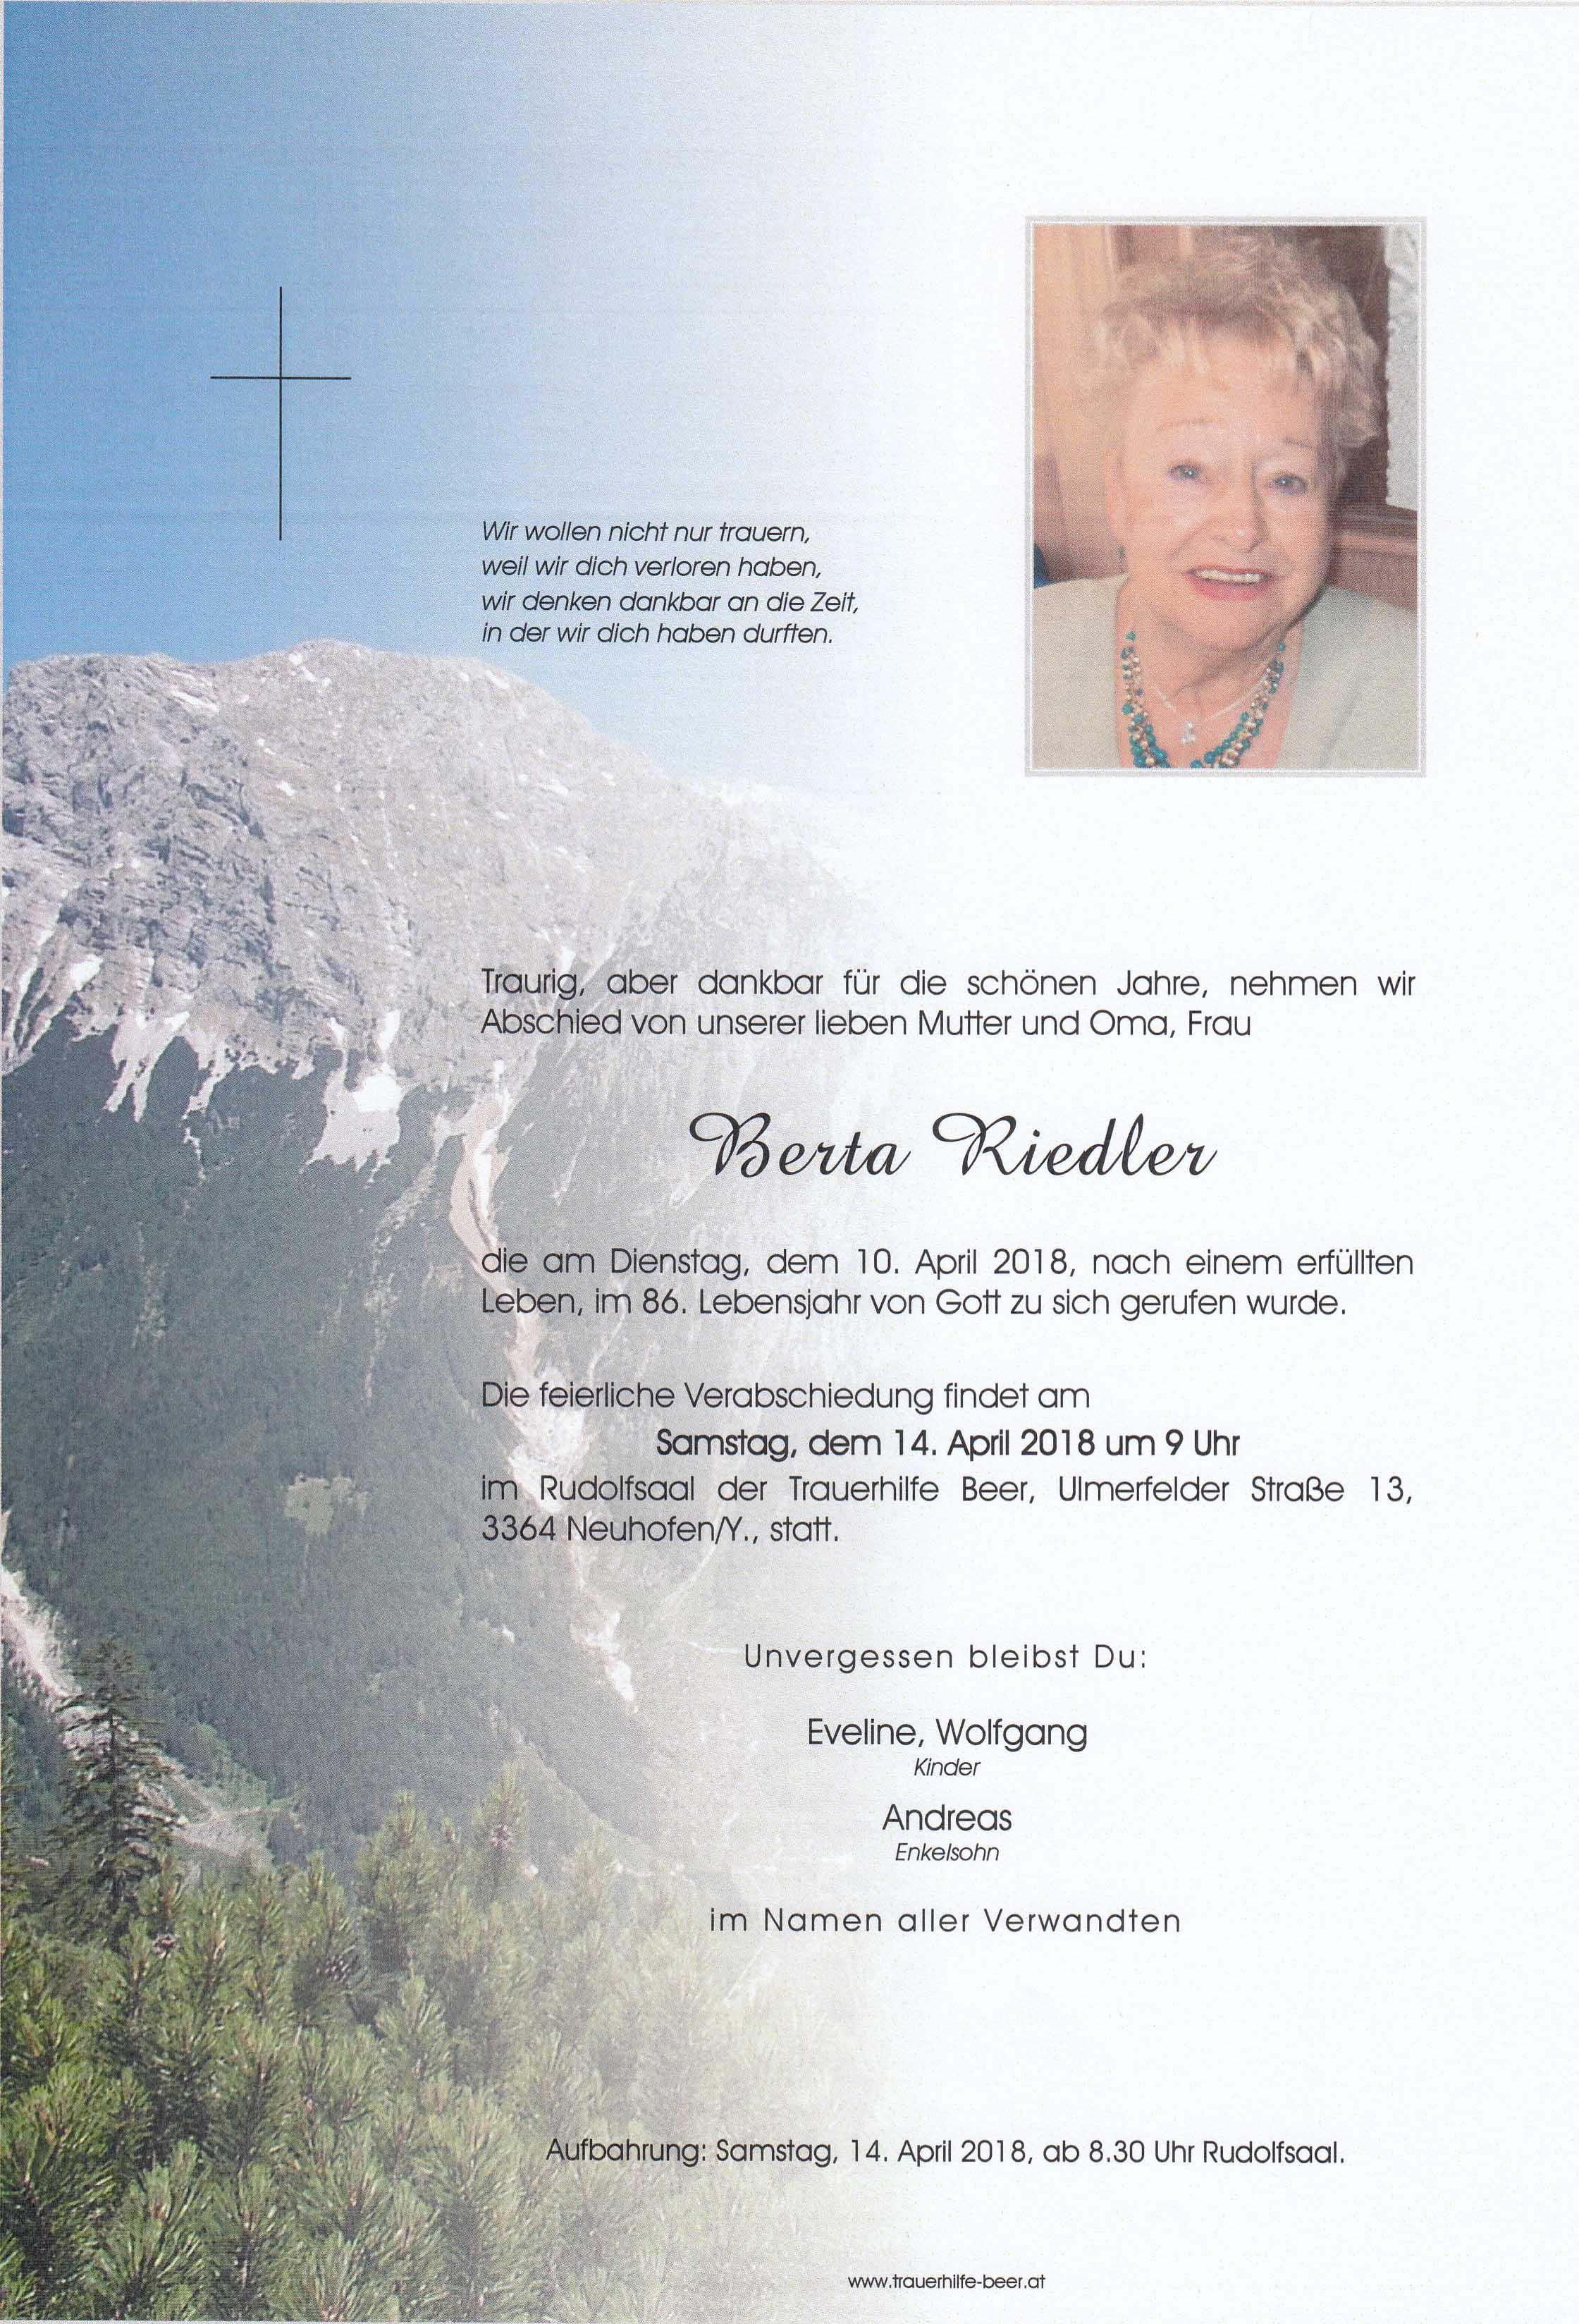 Berta Riedler